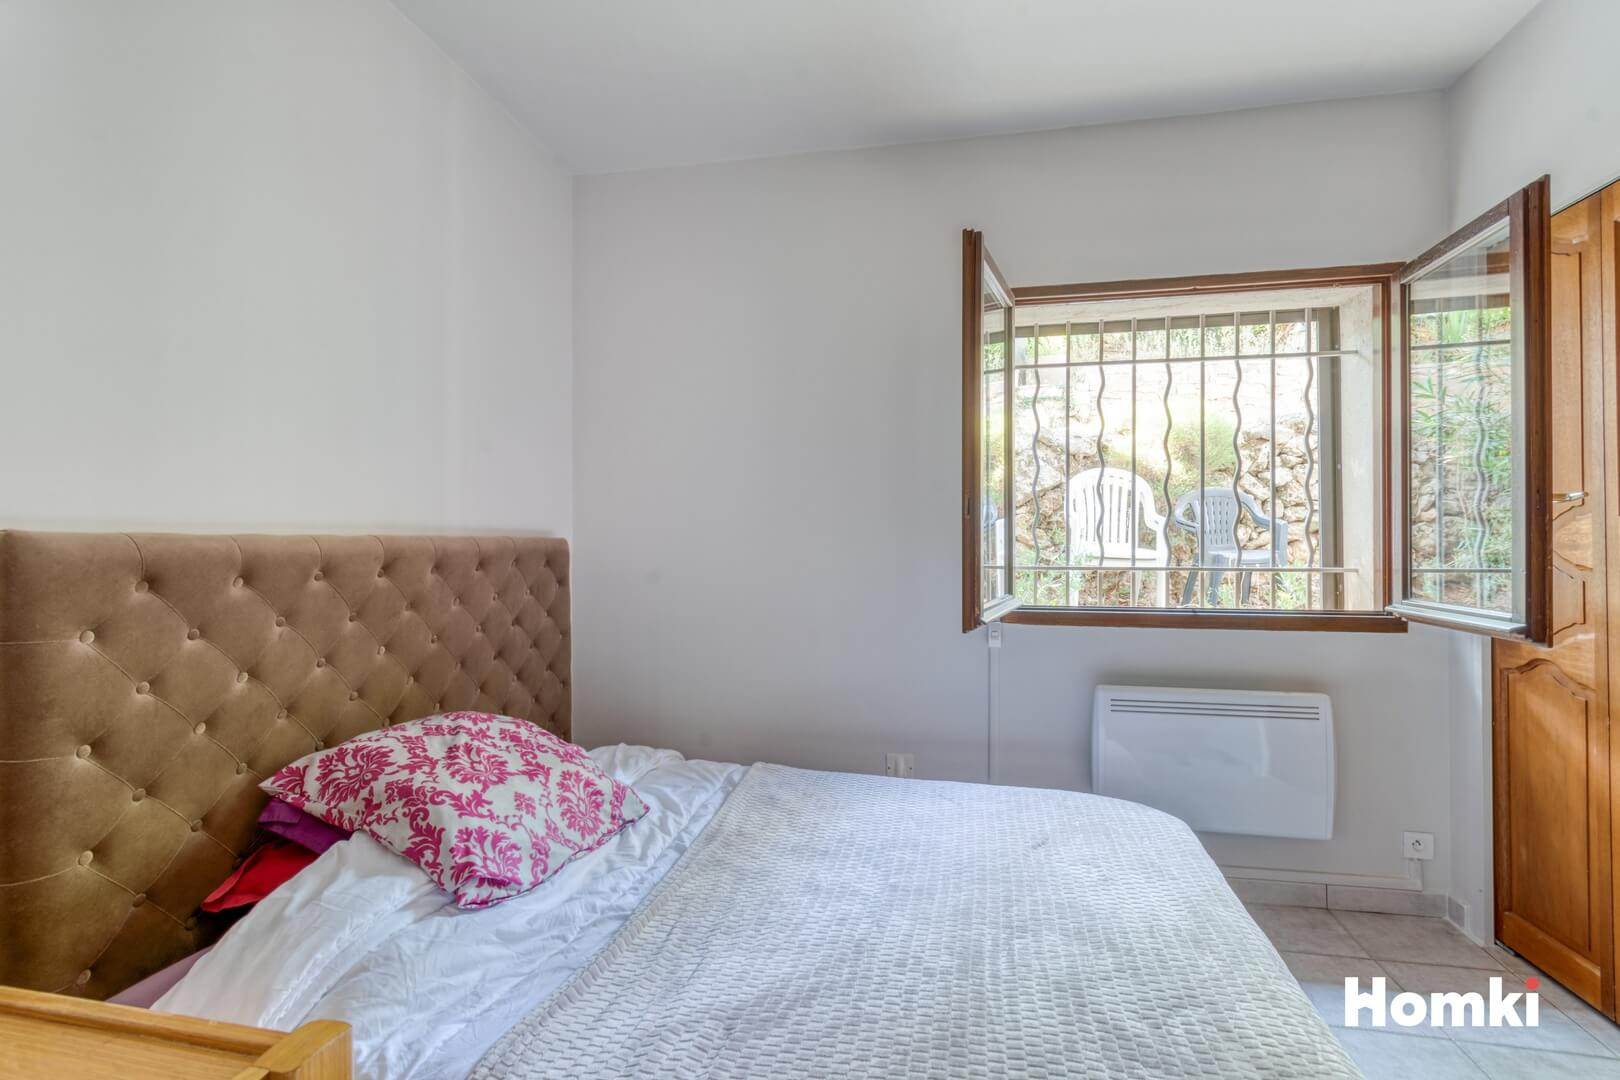 Homki - Vente Maison/villa  de 150.0 m² à Figanières 83830